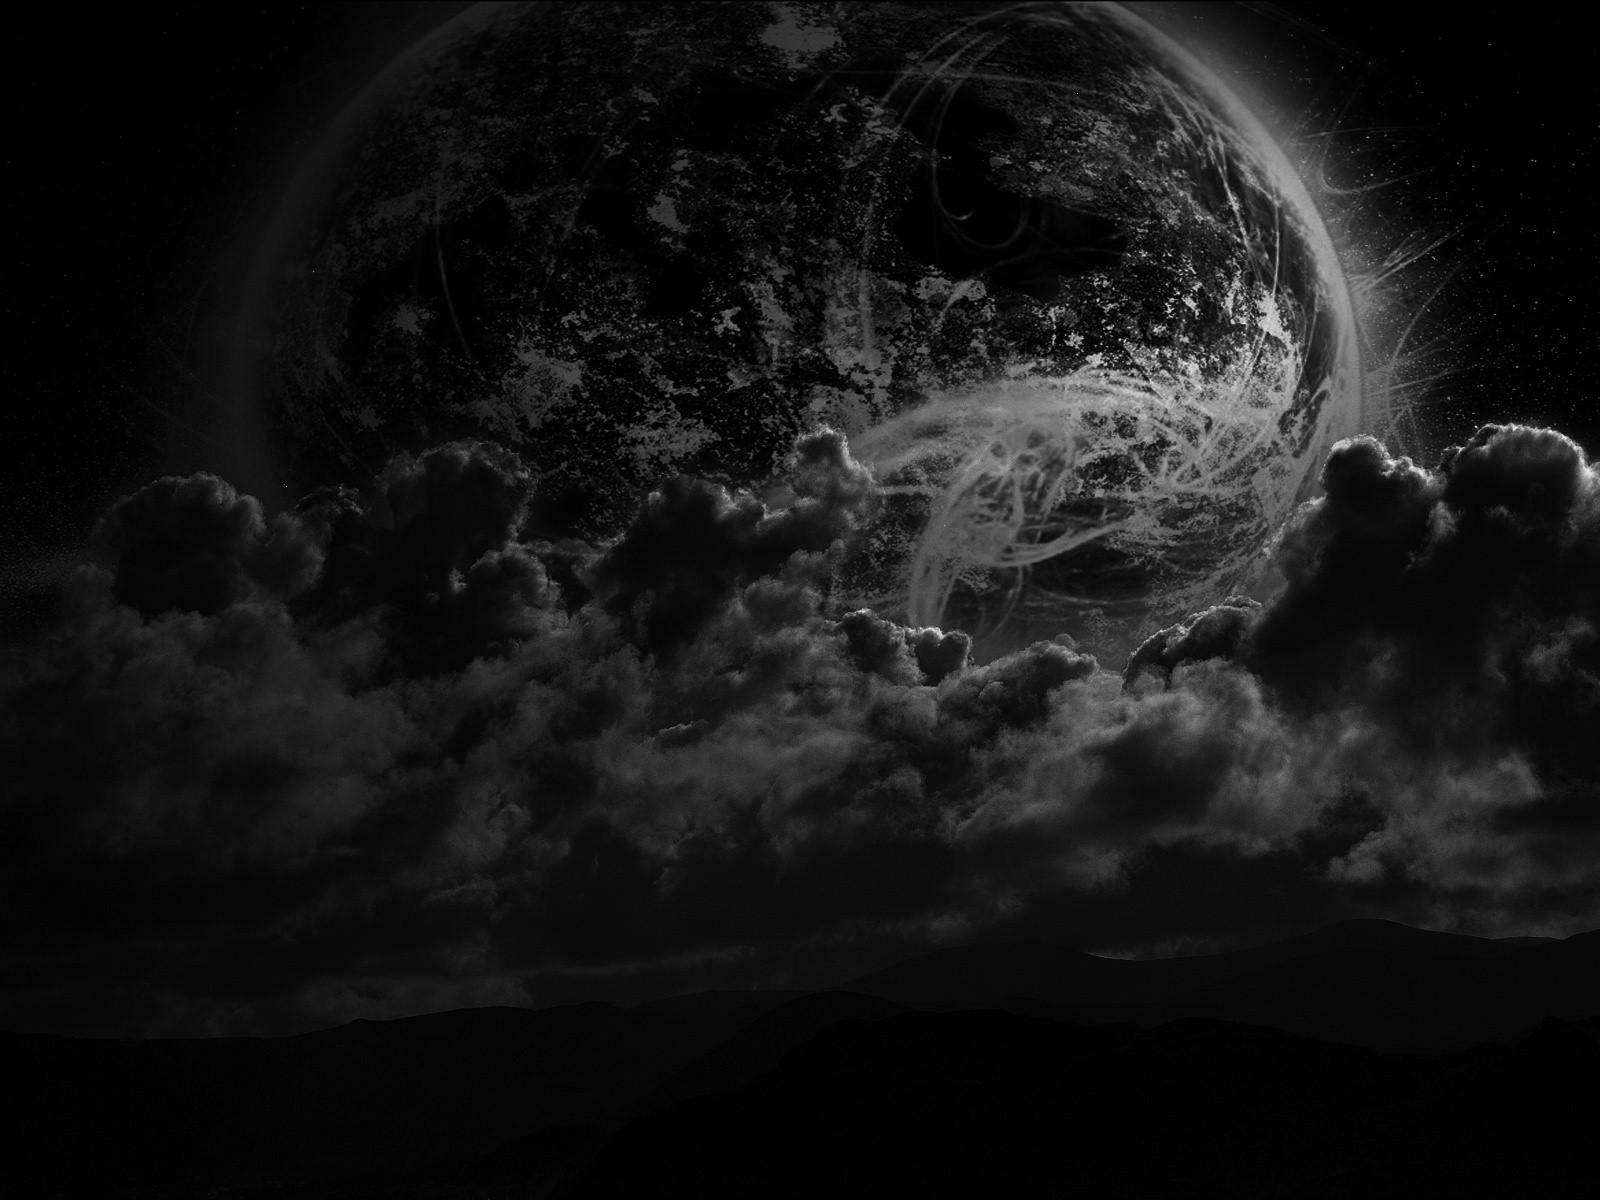 6360973547995973861156807396_darkness-04.jpg